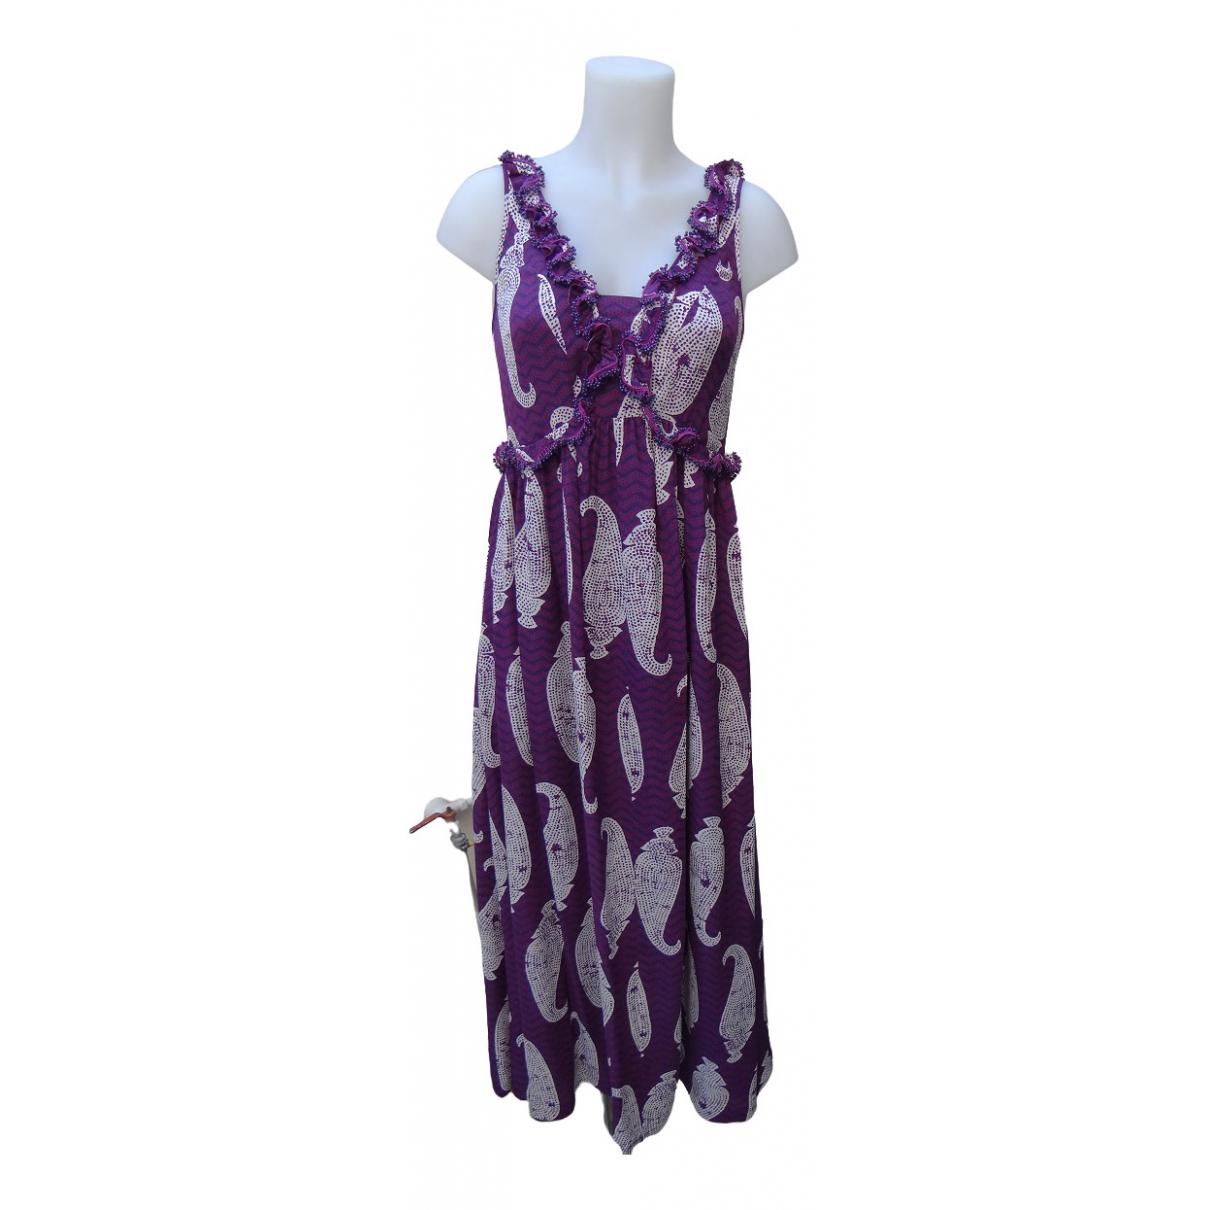 Tory Burch \N Kleid in  Lila Seide